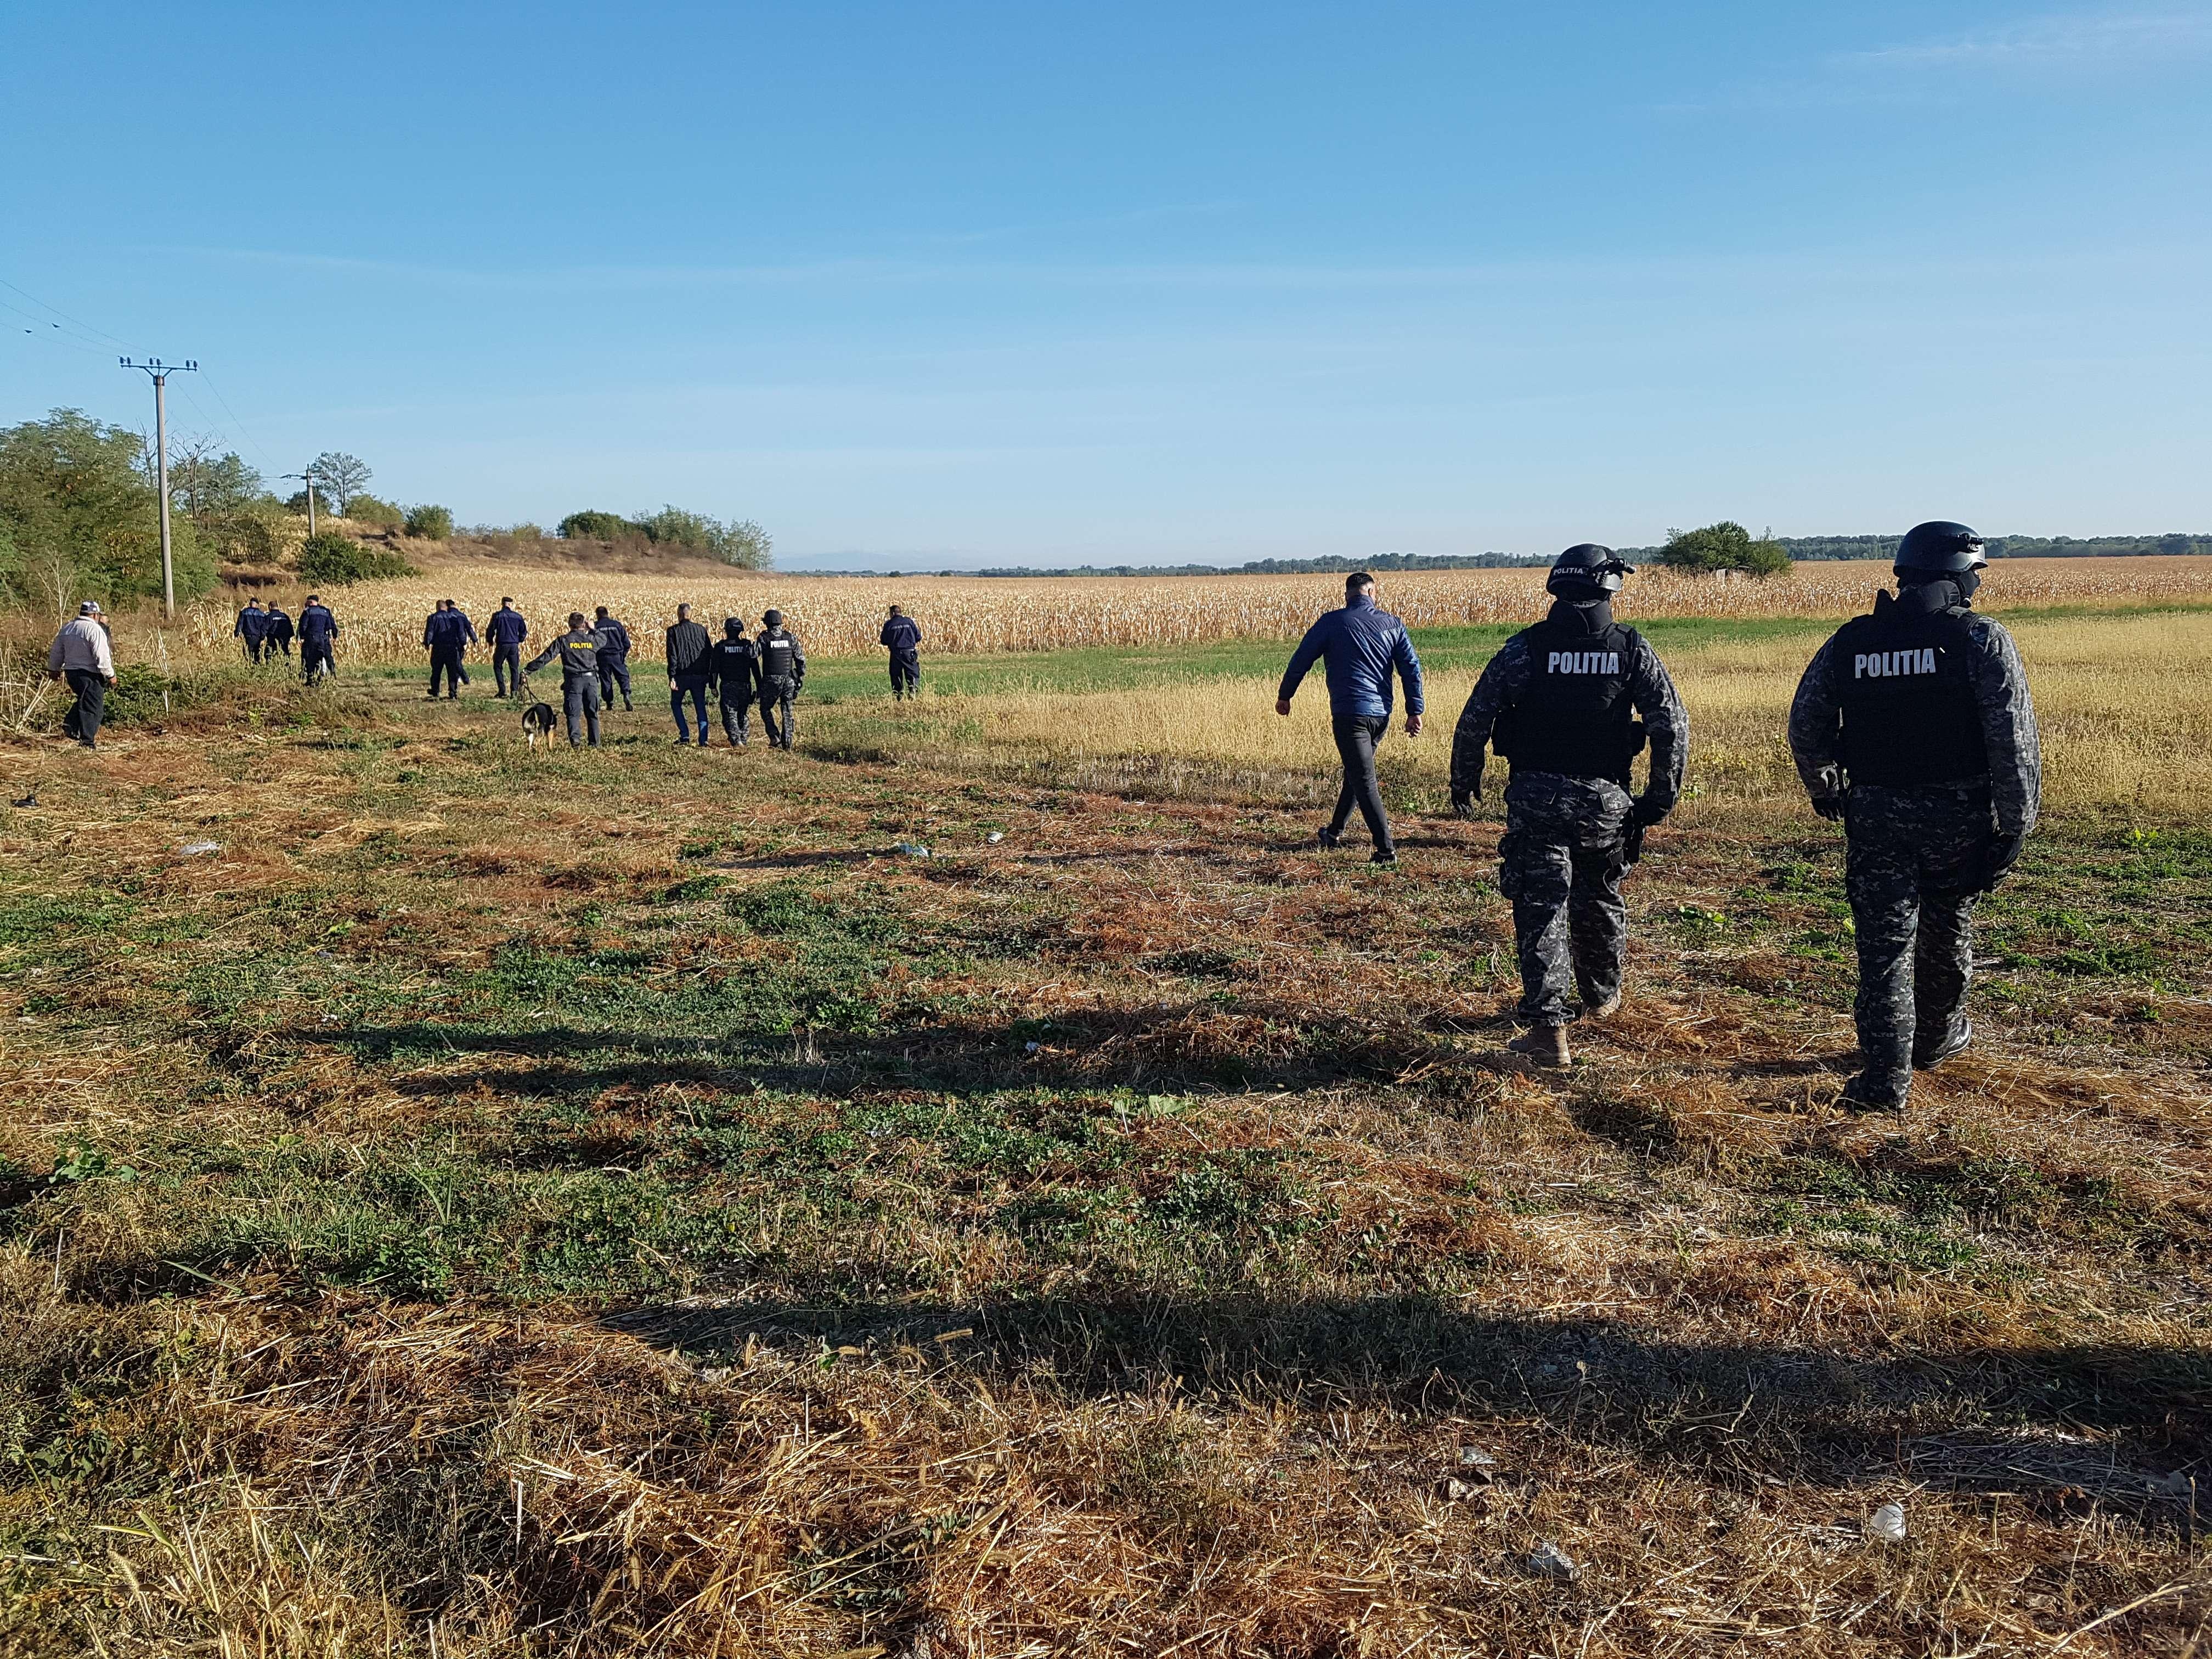 Desfășurare de forțe la Gura Șuții! Sute de polițiștii, jandarmi și trupe speciale caută fata dispărută!